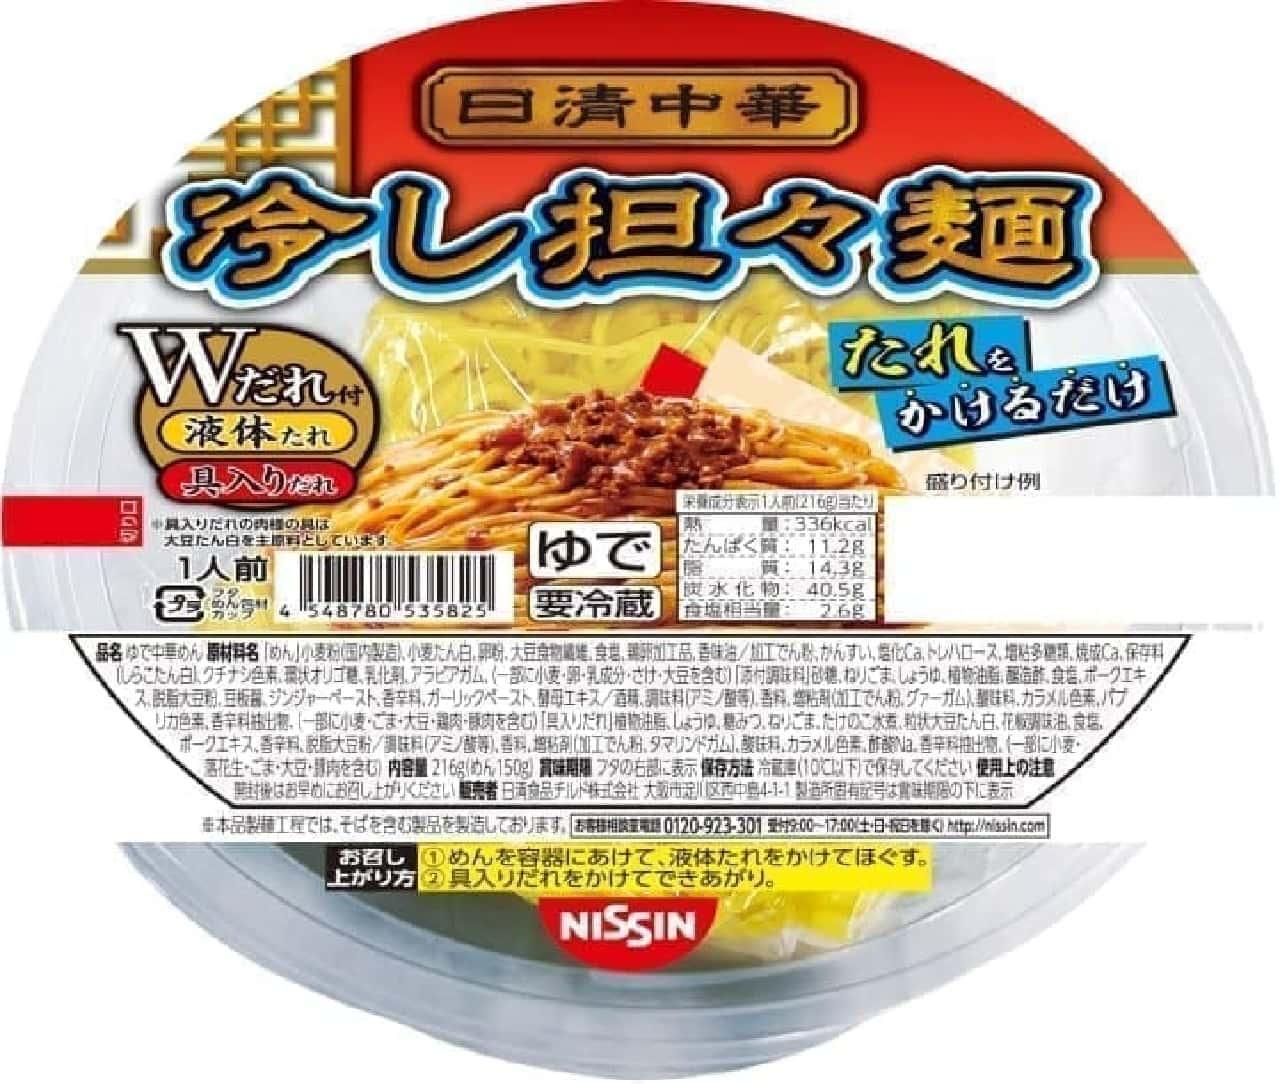 日清食品「チルドカップ 日清中華 冷し担々麺」